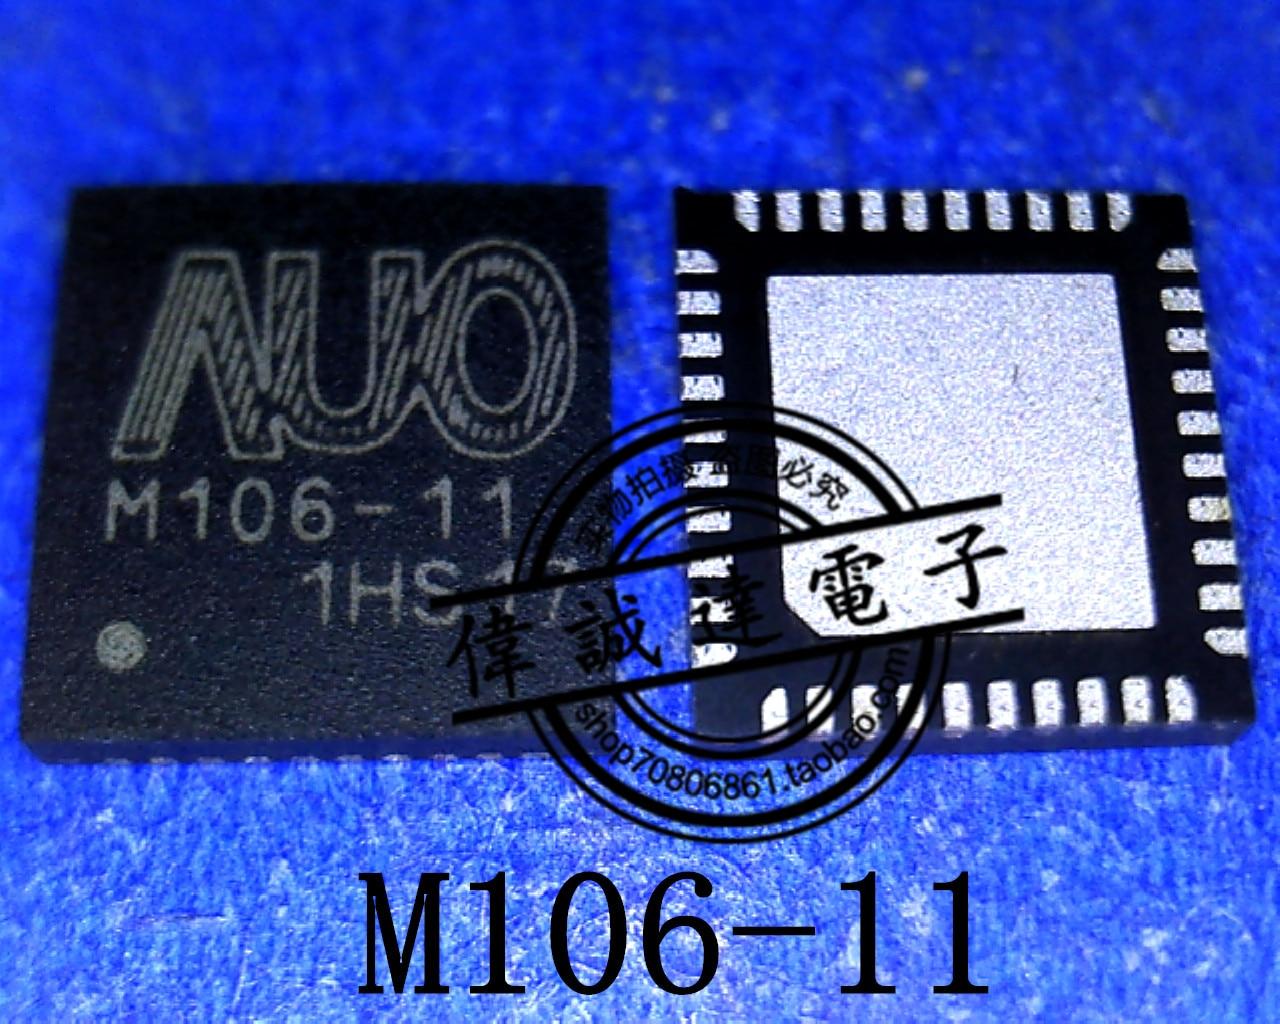 1PCS AUO-M106-11 M106-11 QFN40 NEW  цена и фото